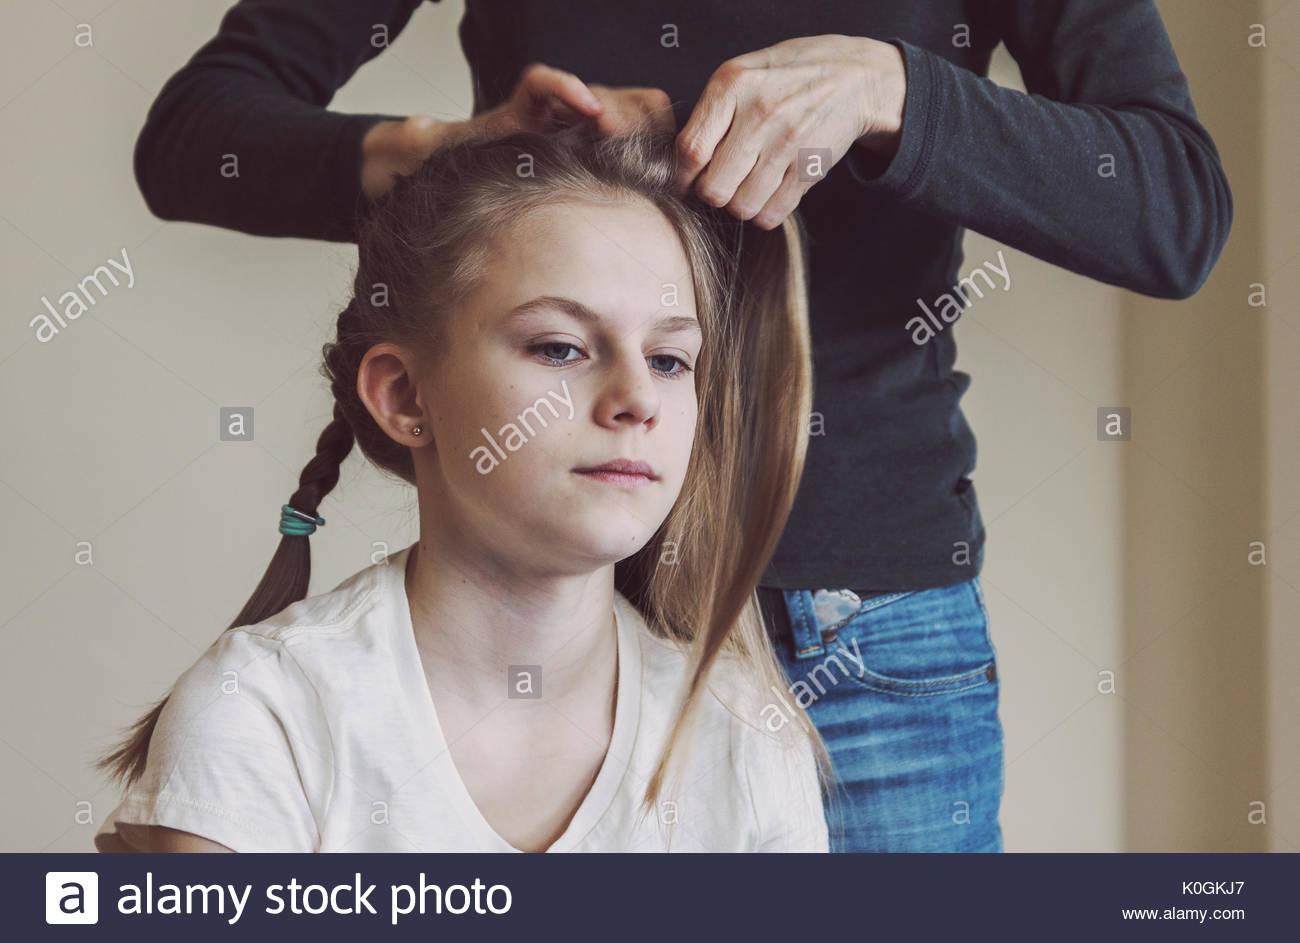 Tressage de cheveux de la mère des jeunes filles. Portrait de la vie réelle de blancs photo teen girl avec filtre mate chaud délibérée Photo Stock